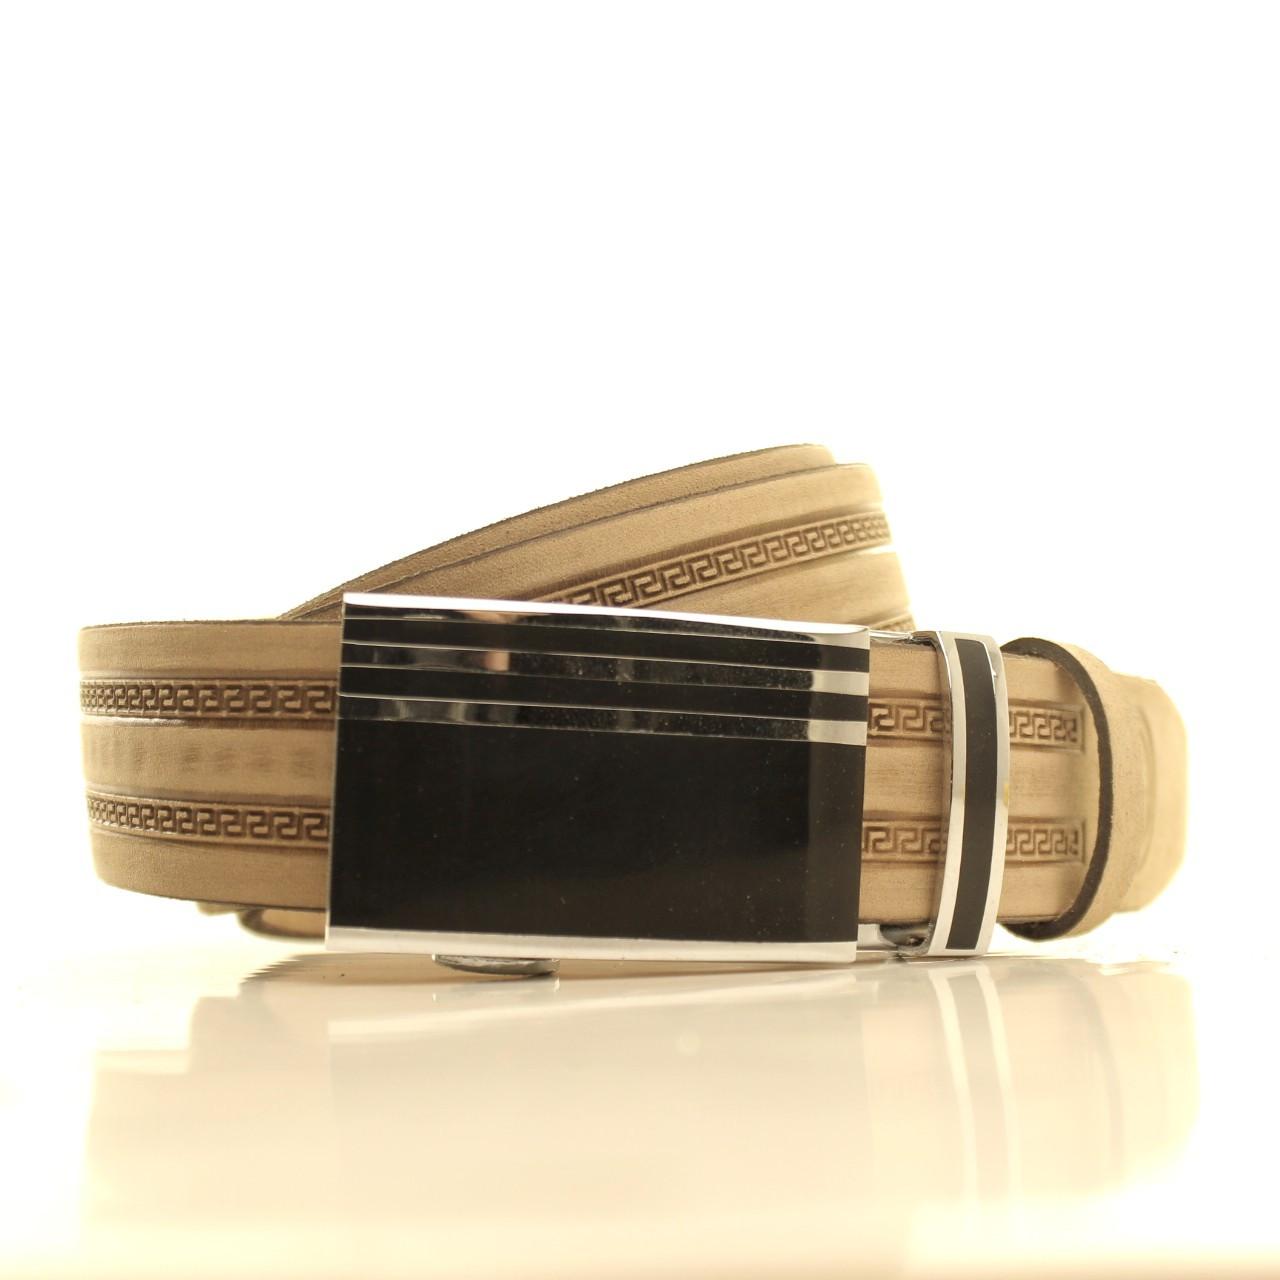 Ремень кожаный Lazar 120-125 см бежевый l35u1a146